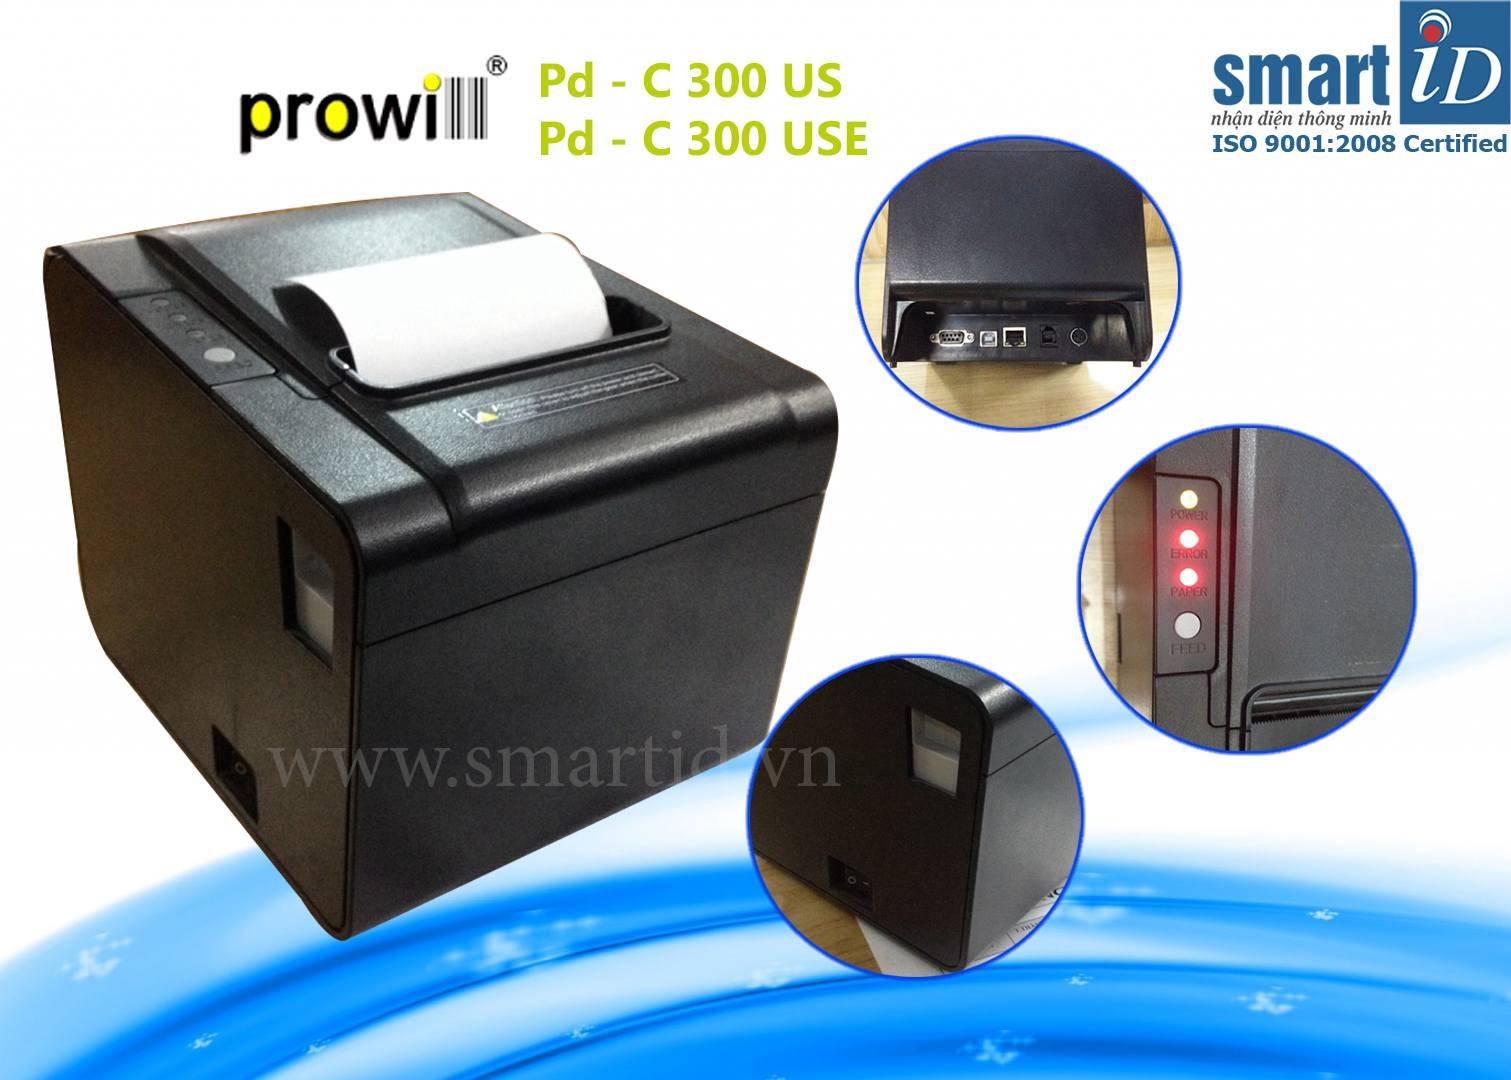 Máy in hóa đơn nhiệt Pd-C300US/USE